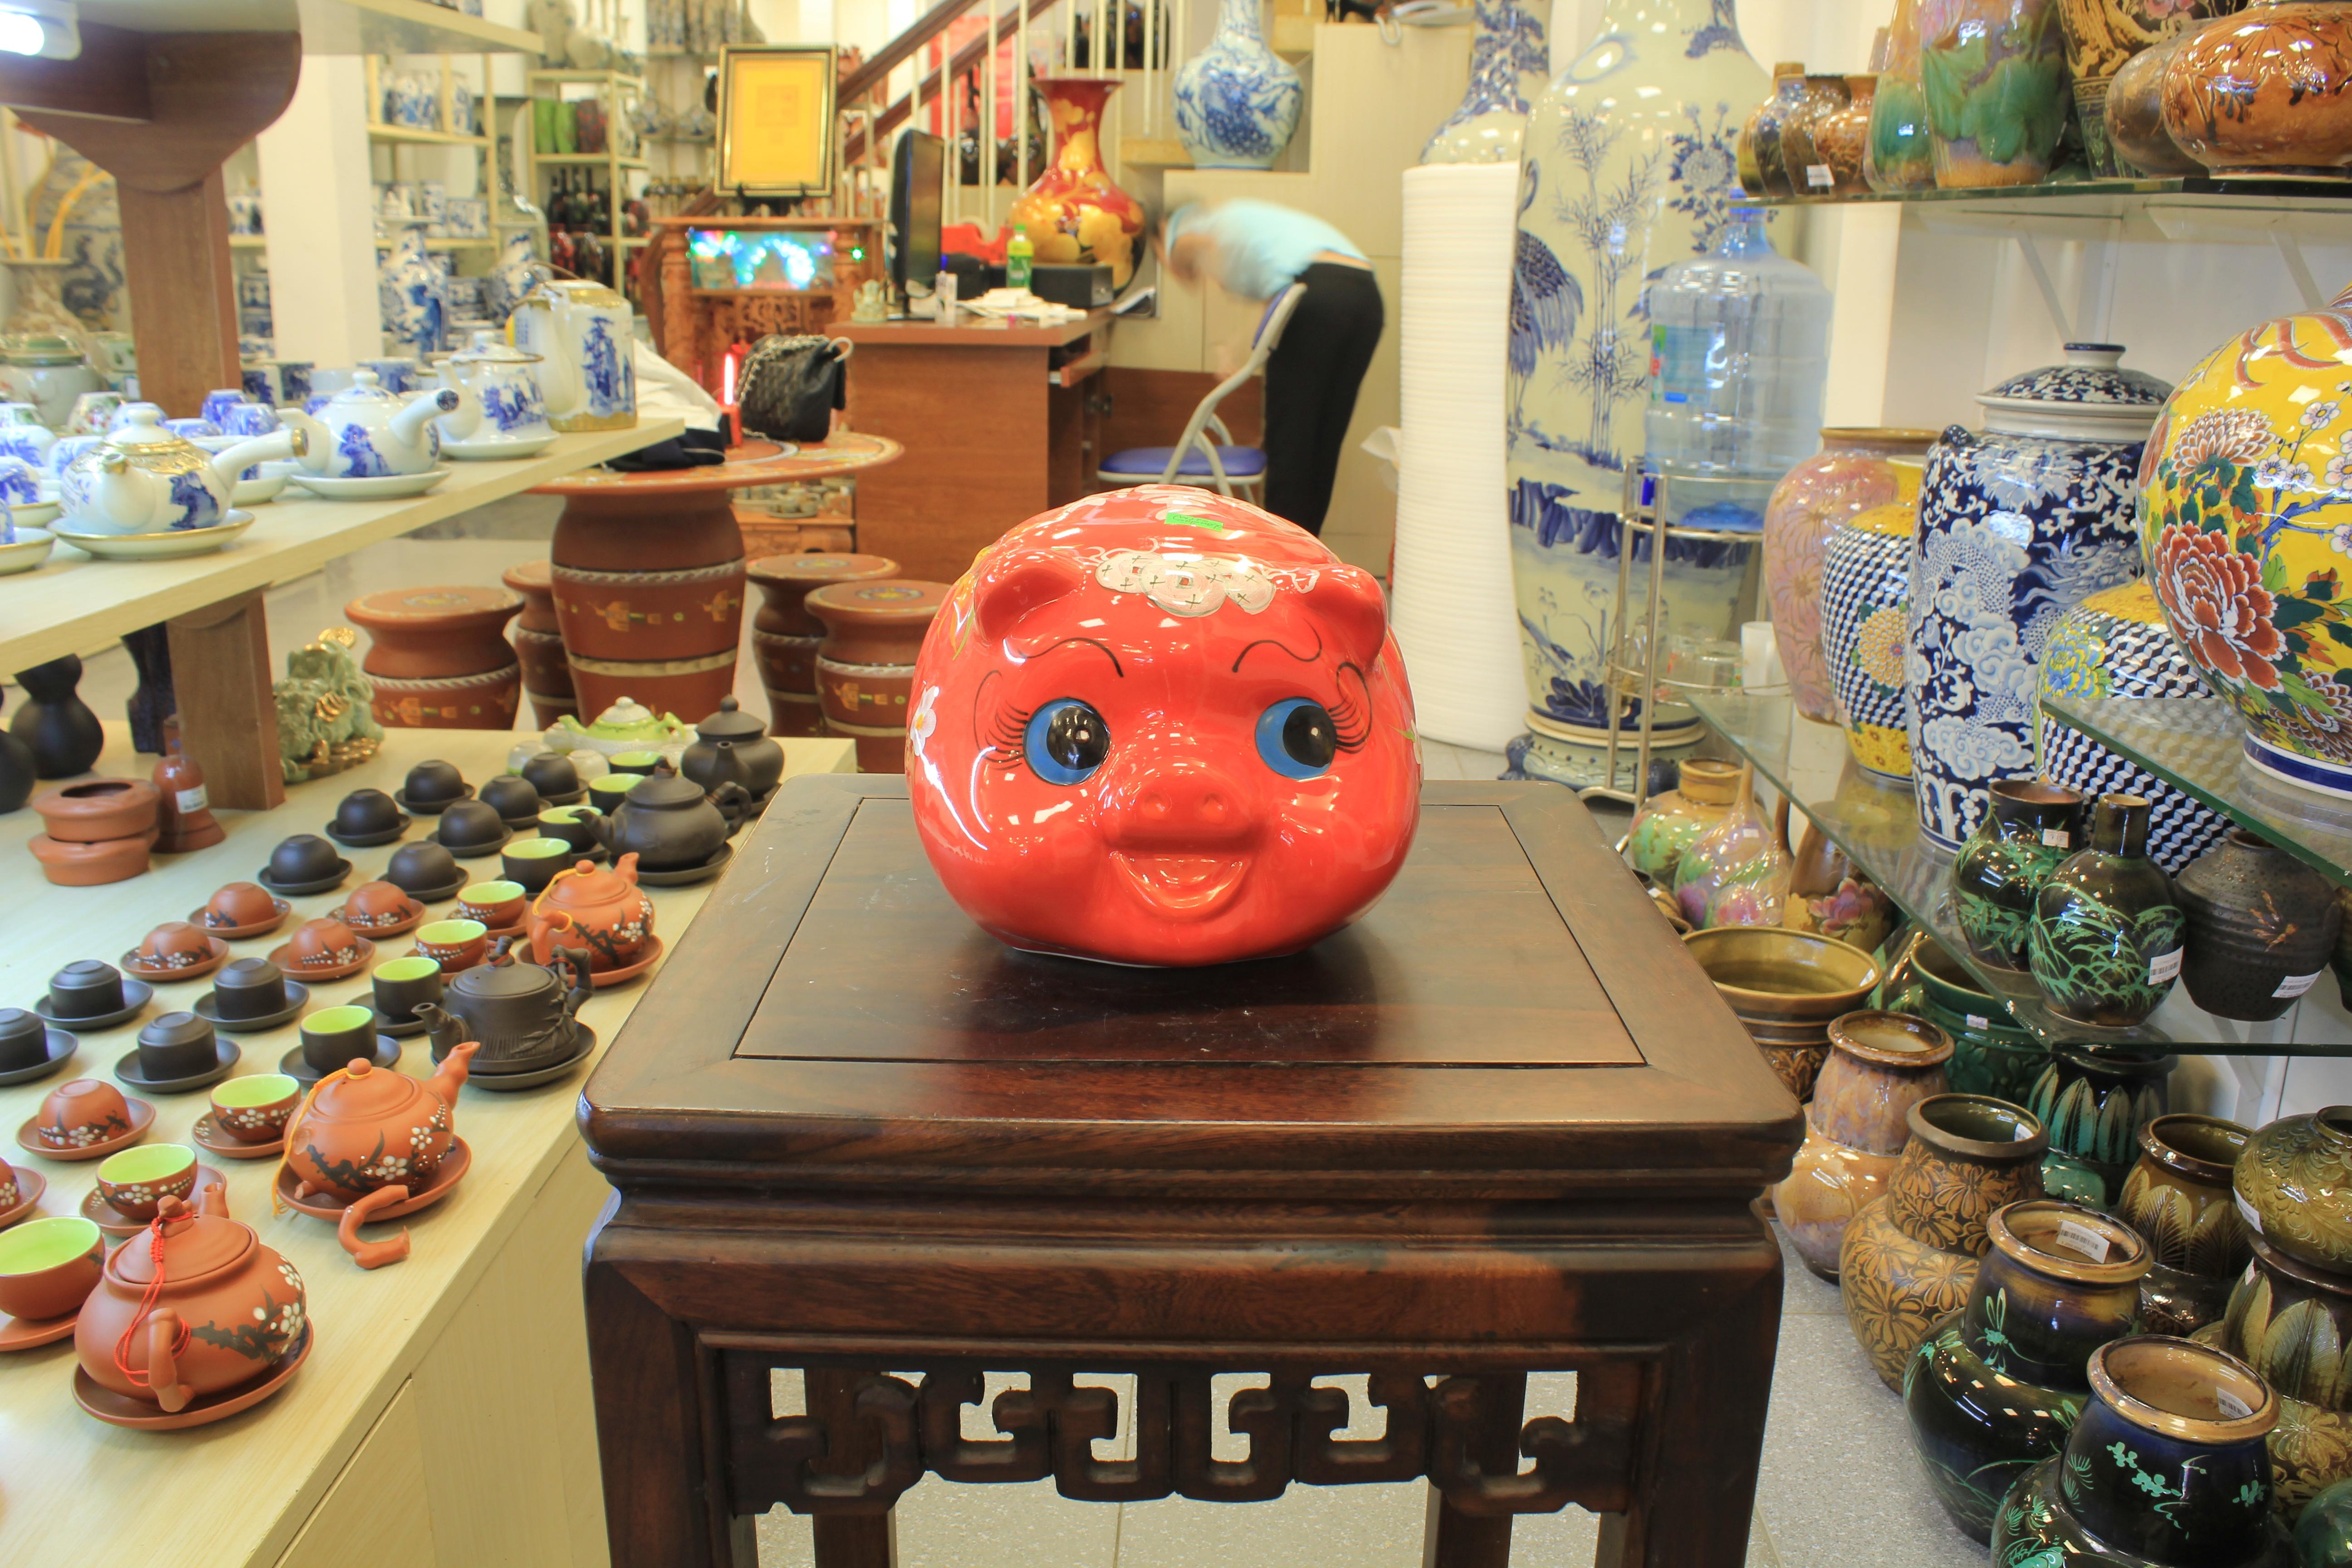 Mẫu heo đất màu đỏ với hình dáng hạo tiết đơn giản nhưng không kém phần đẹp mắt và nổi bật bởi những nét dễ thương từ mũi miệng mà những người thợ làm gốm tạo nên